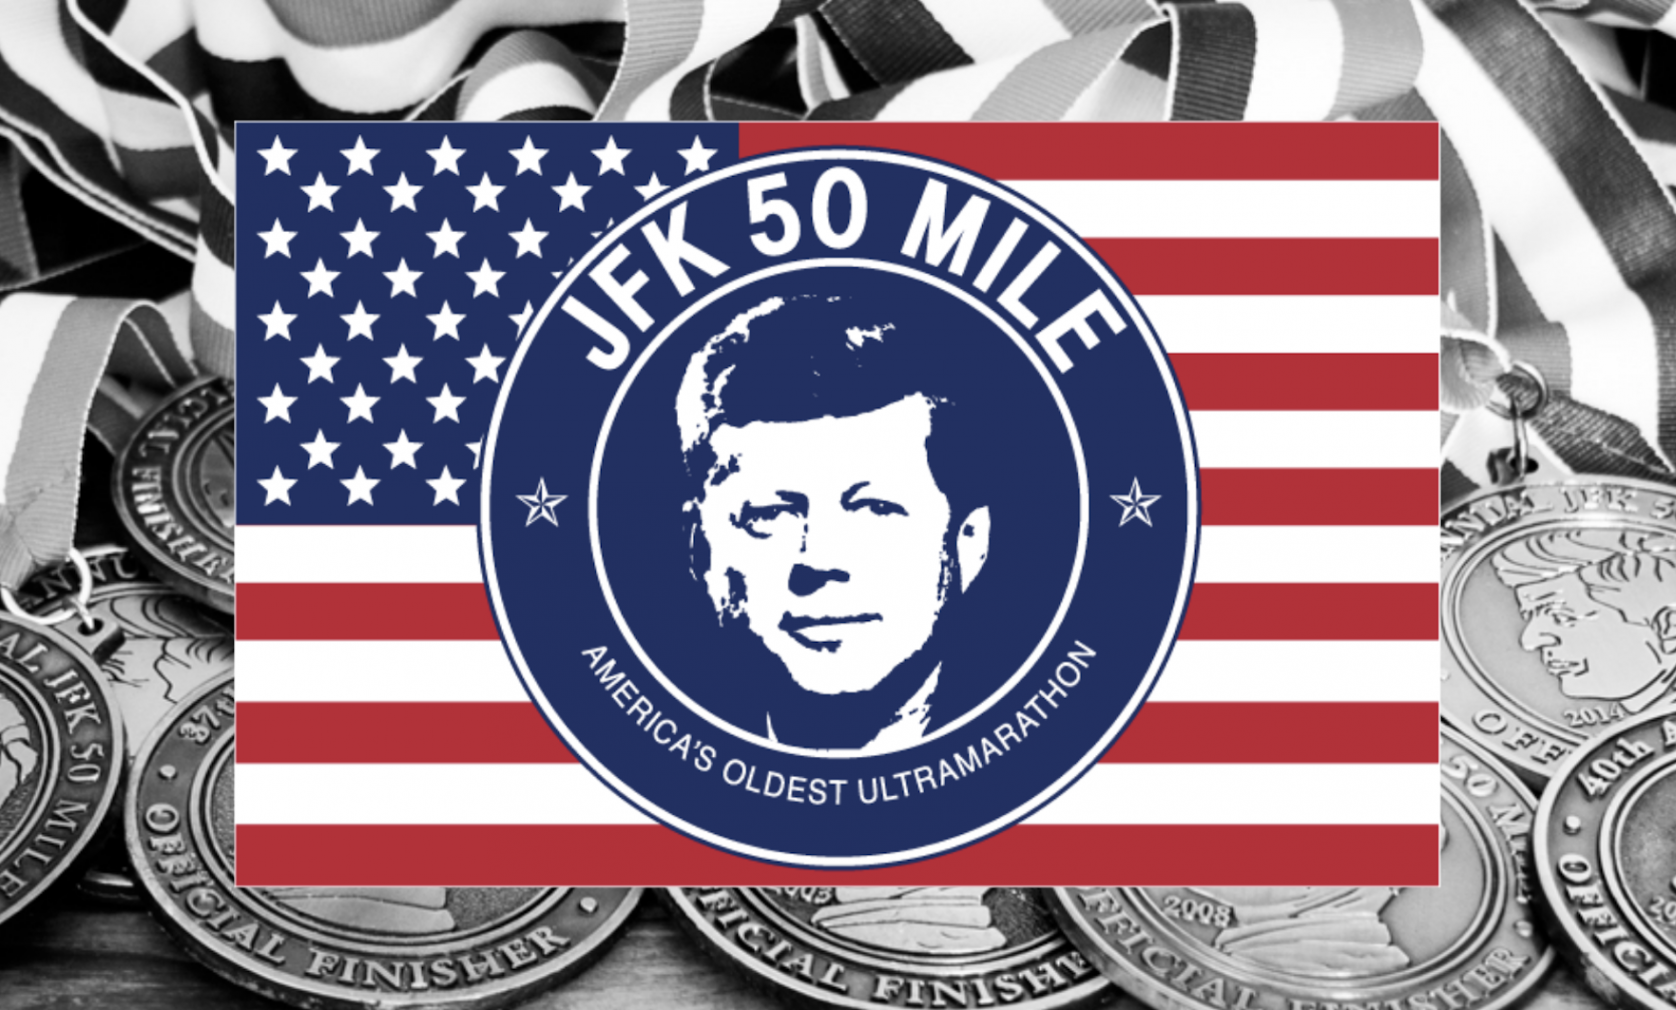 JFK 50 mile race